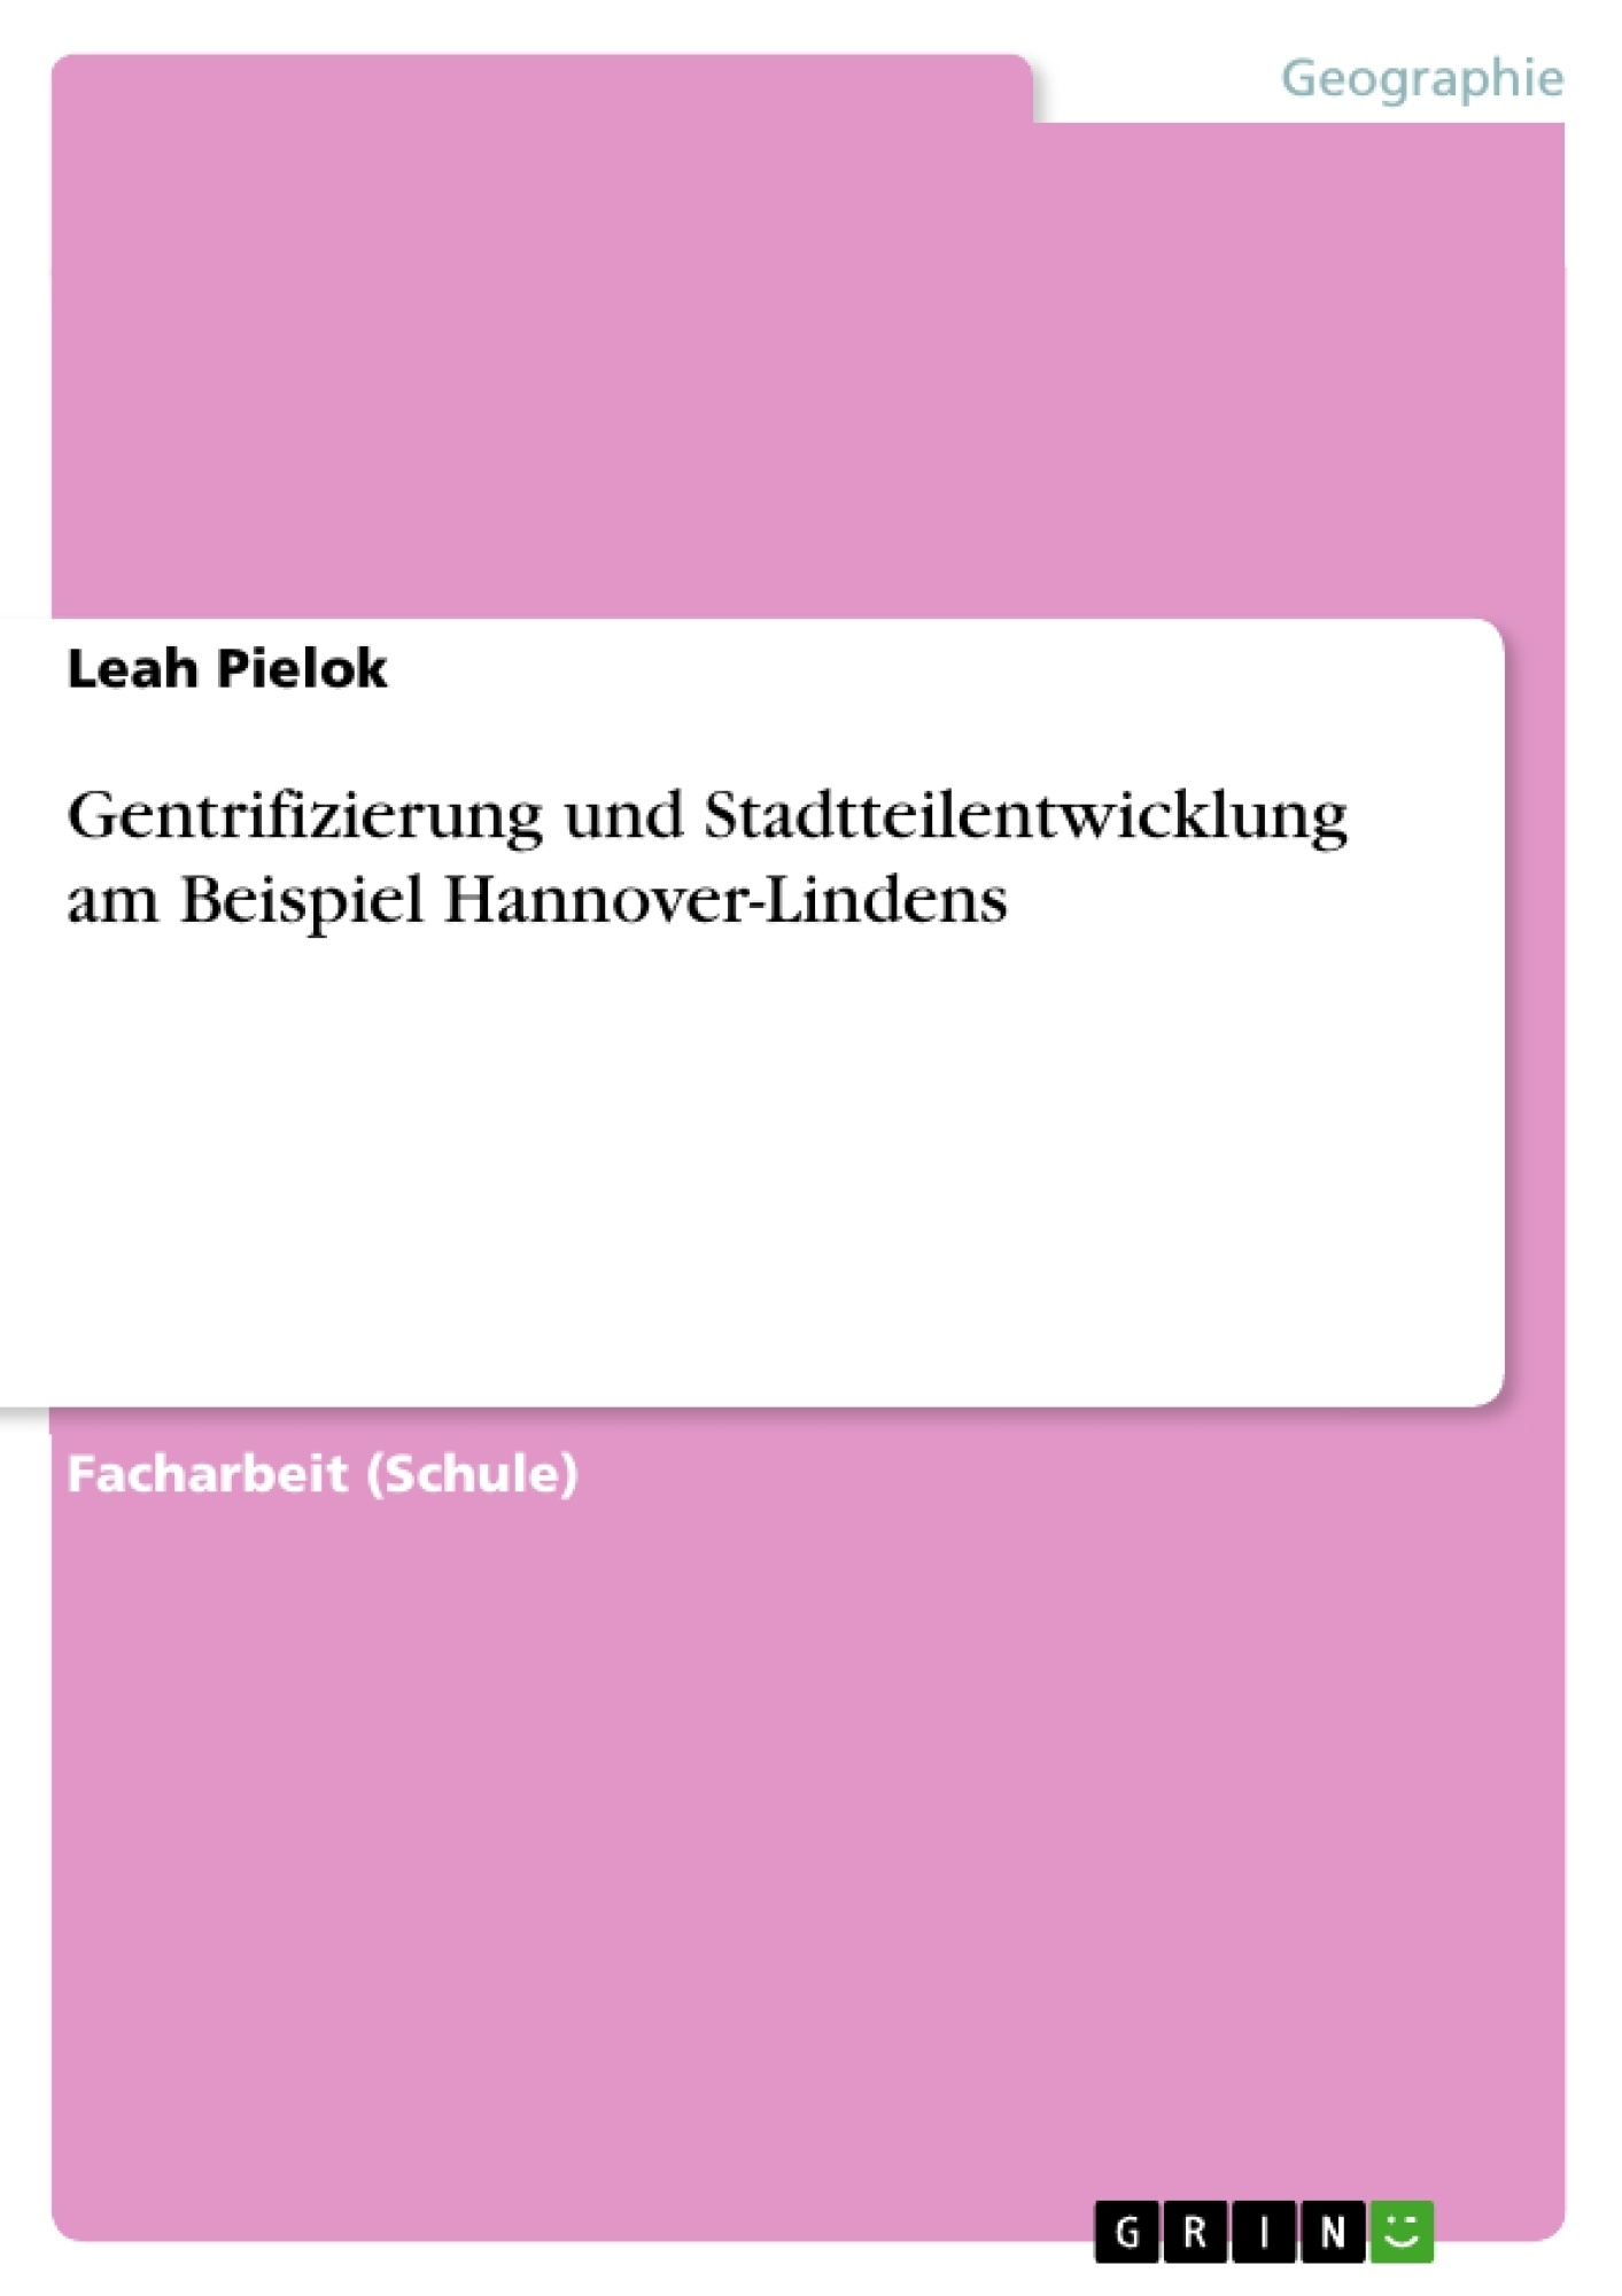 Titel: Gentrifizierung und Stadtteilentwicklung am Beispiel Hannover-Lindens